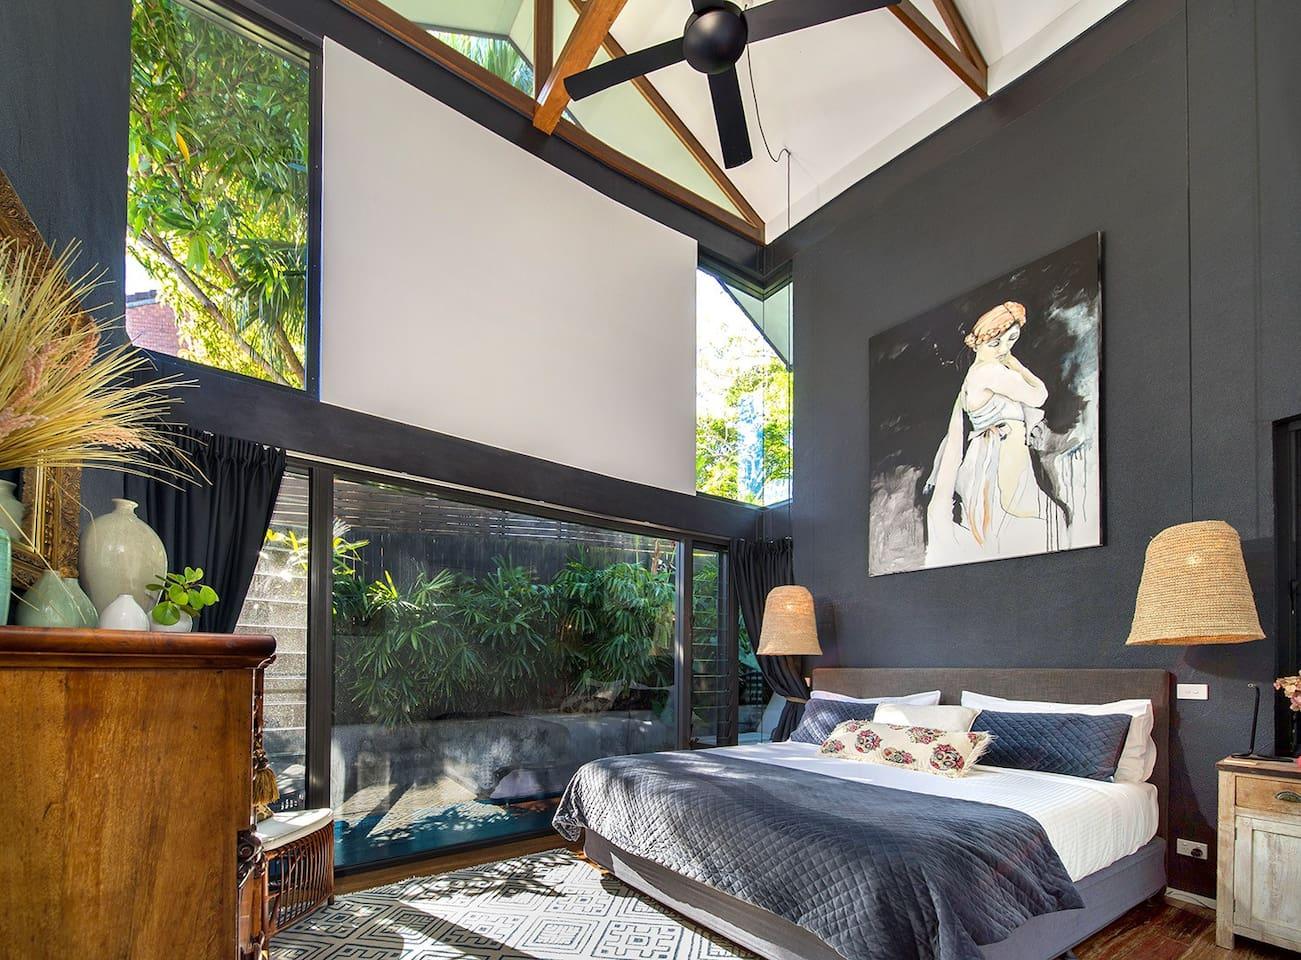 Main bedroom with very high rake ceilings